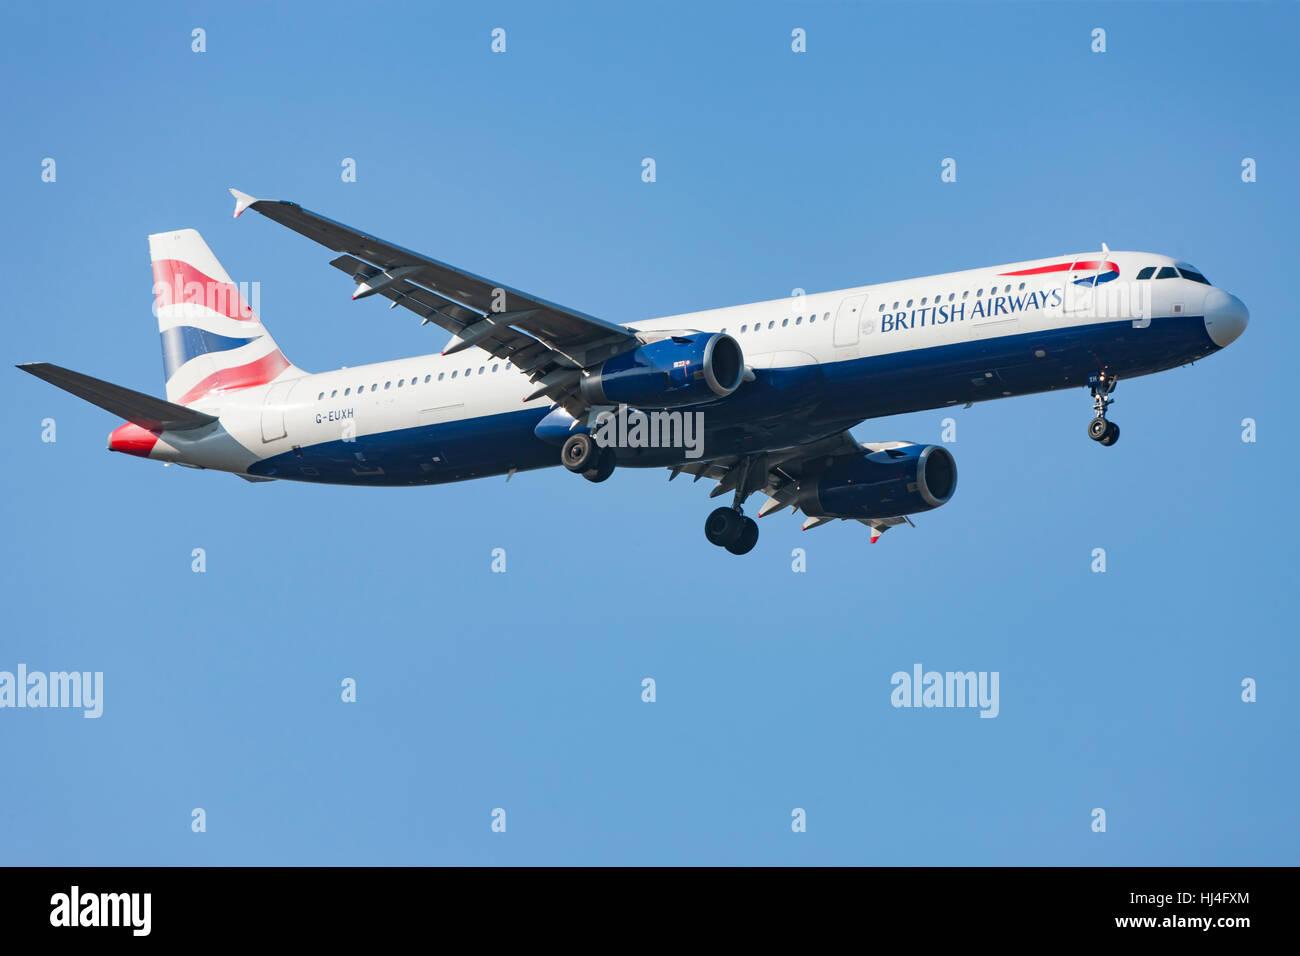 British Airways aereo di linea in volo, aereo, piano, cielo blu Immagini Stock